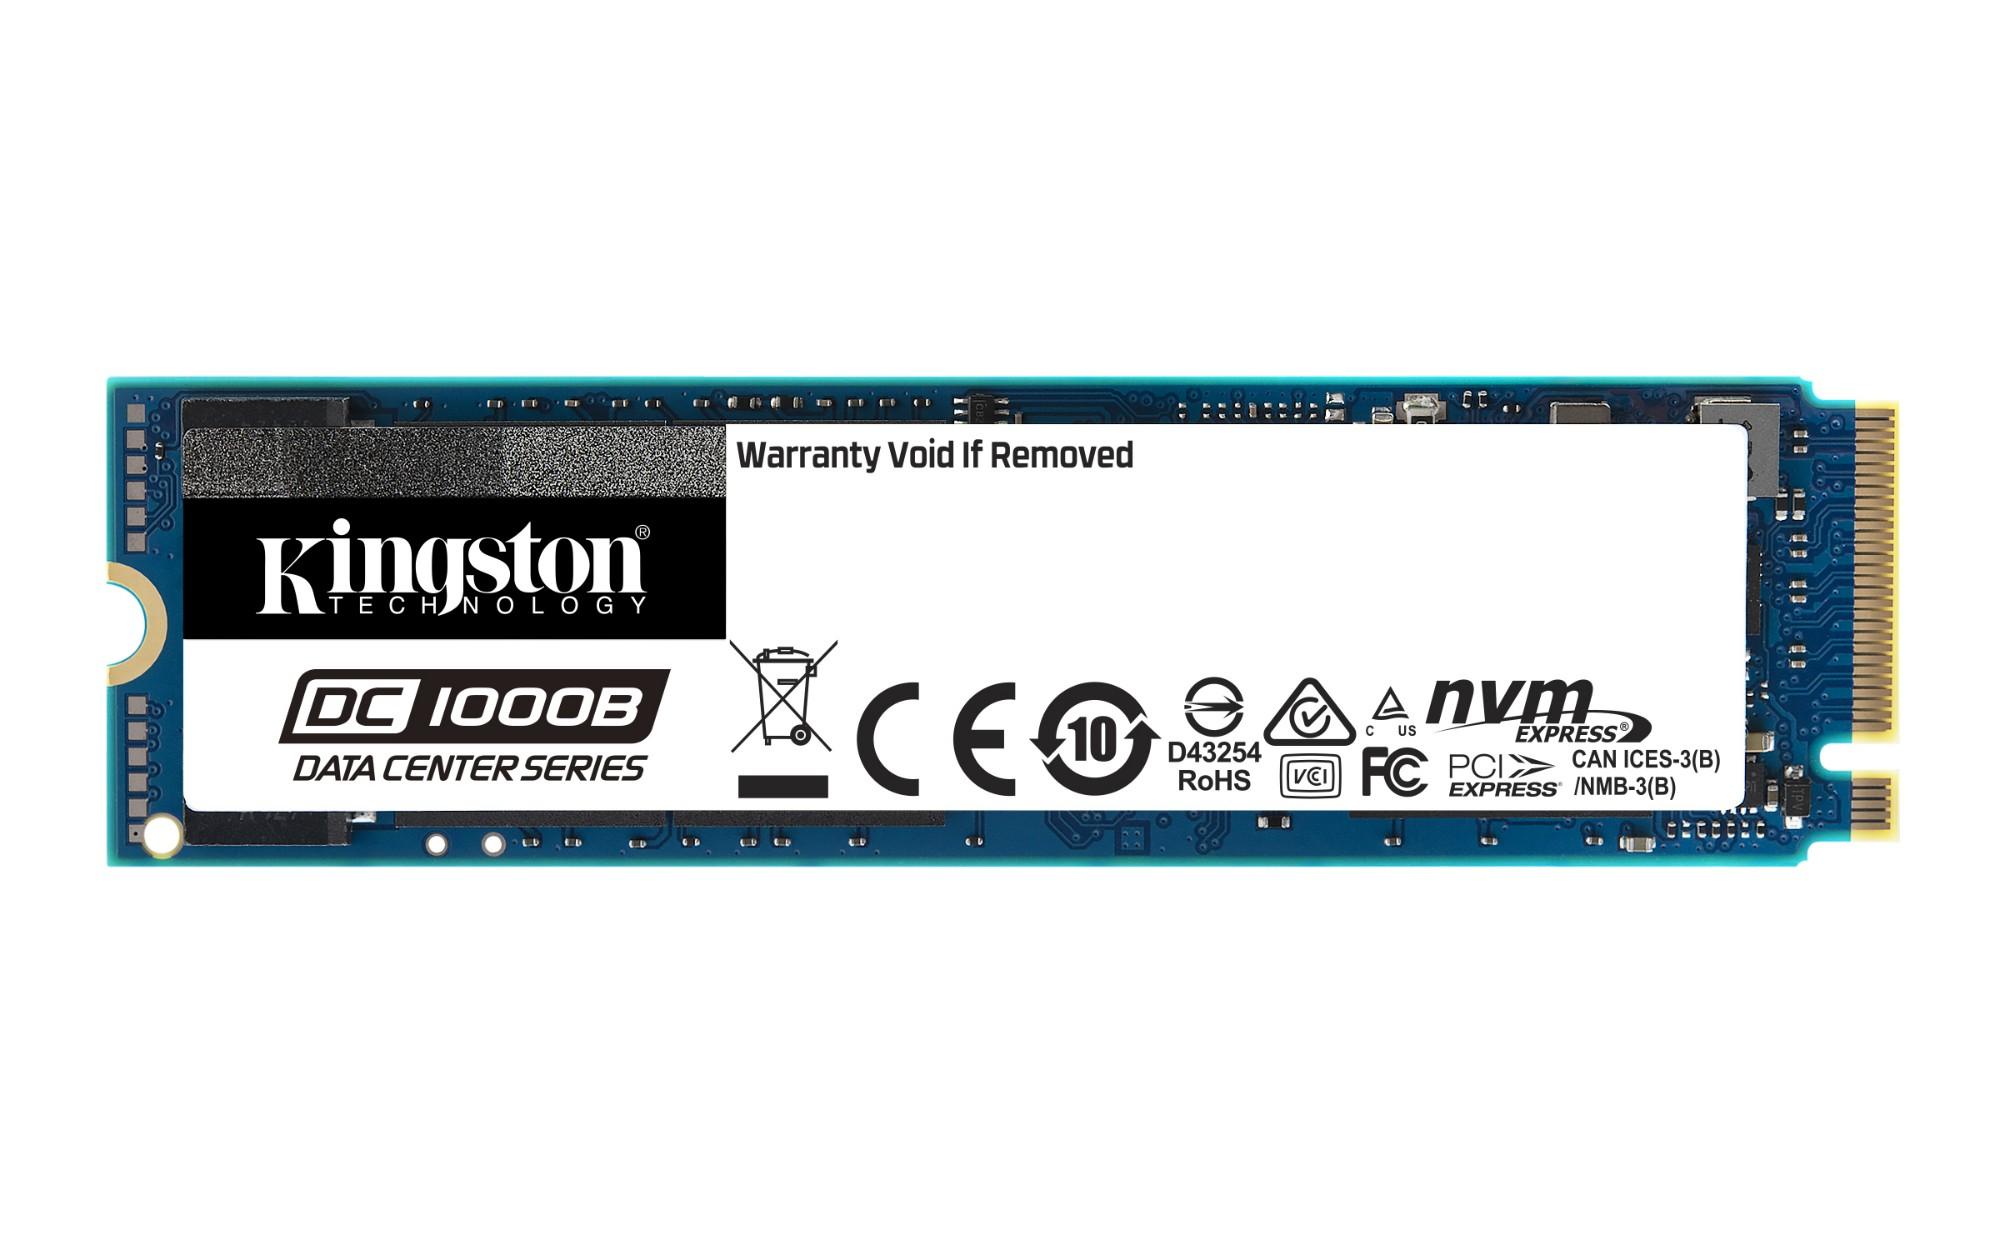 Kingston Technology DC1000B M.2 480 GB PCI Express 3.0 3D TLC NAND NVMe